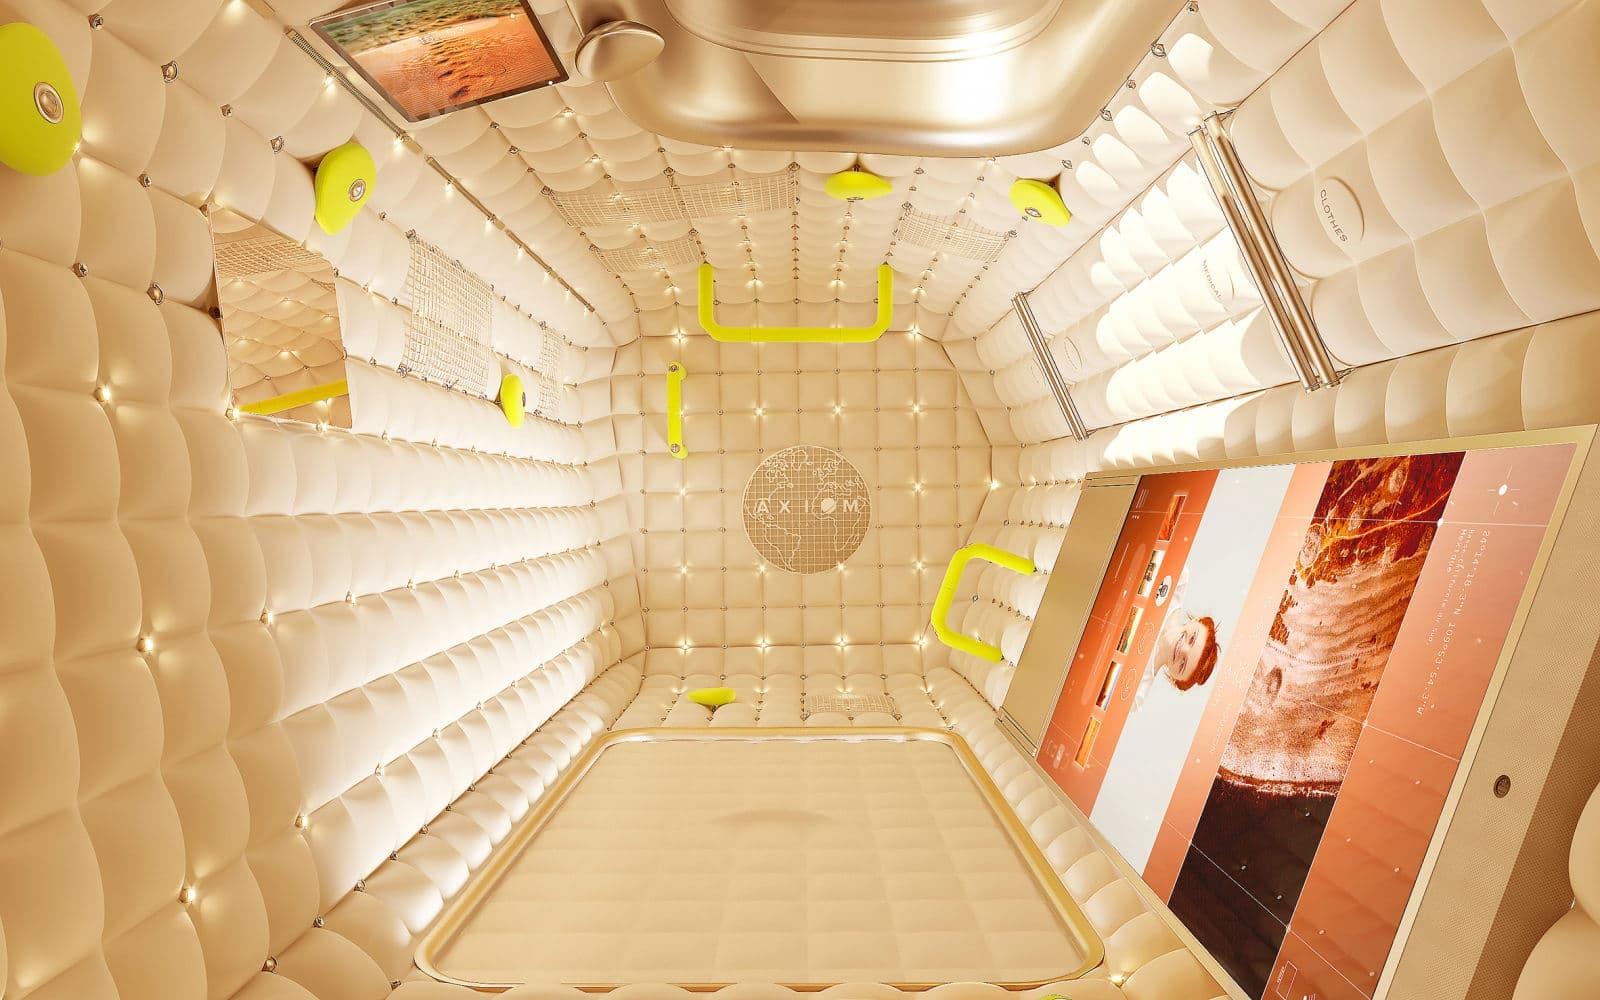 Projeto do módulo da Axiom para a ISS